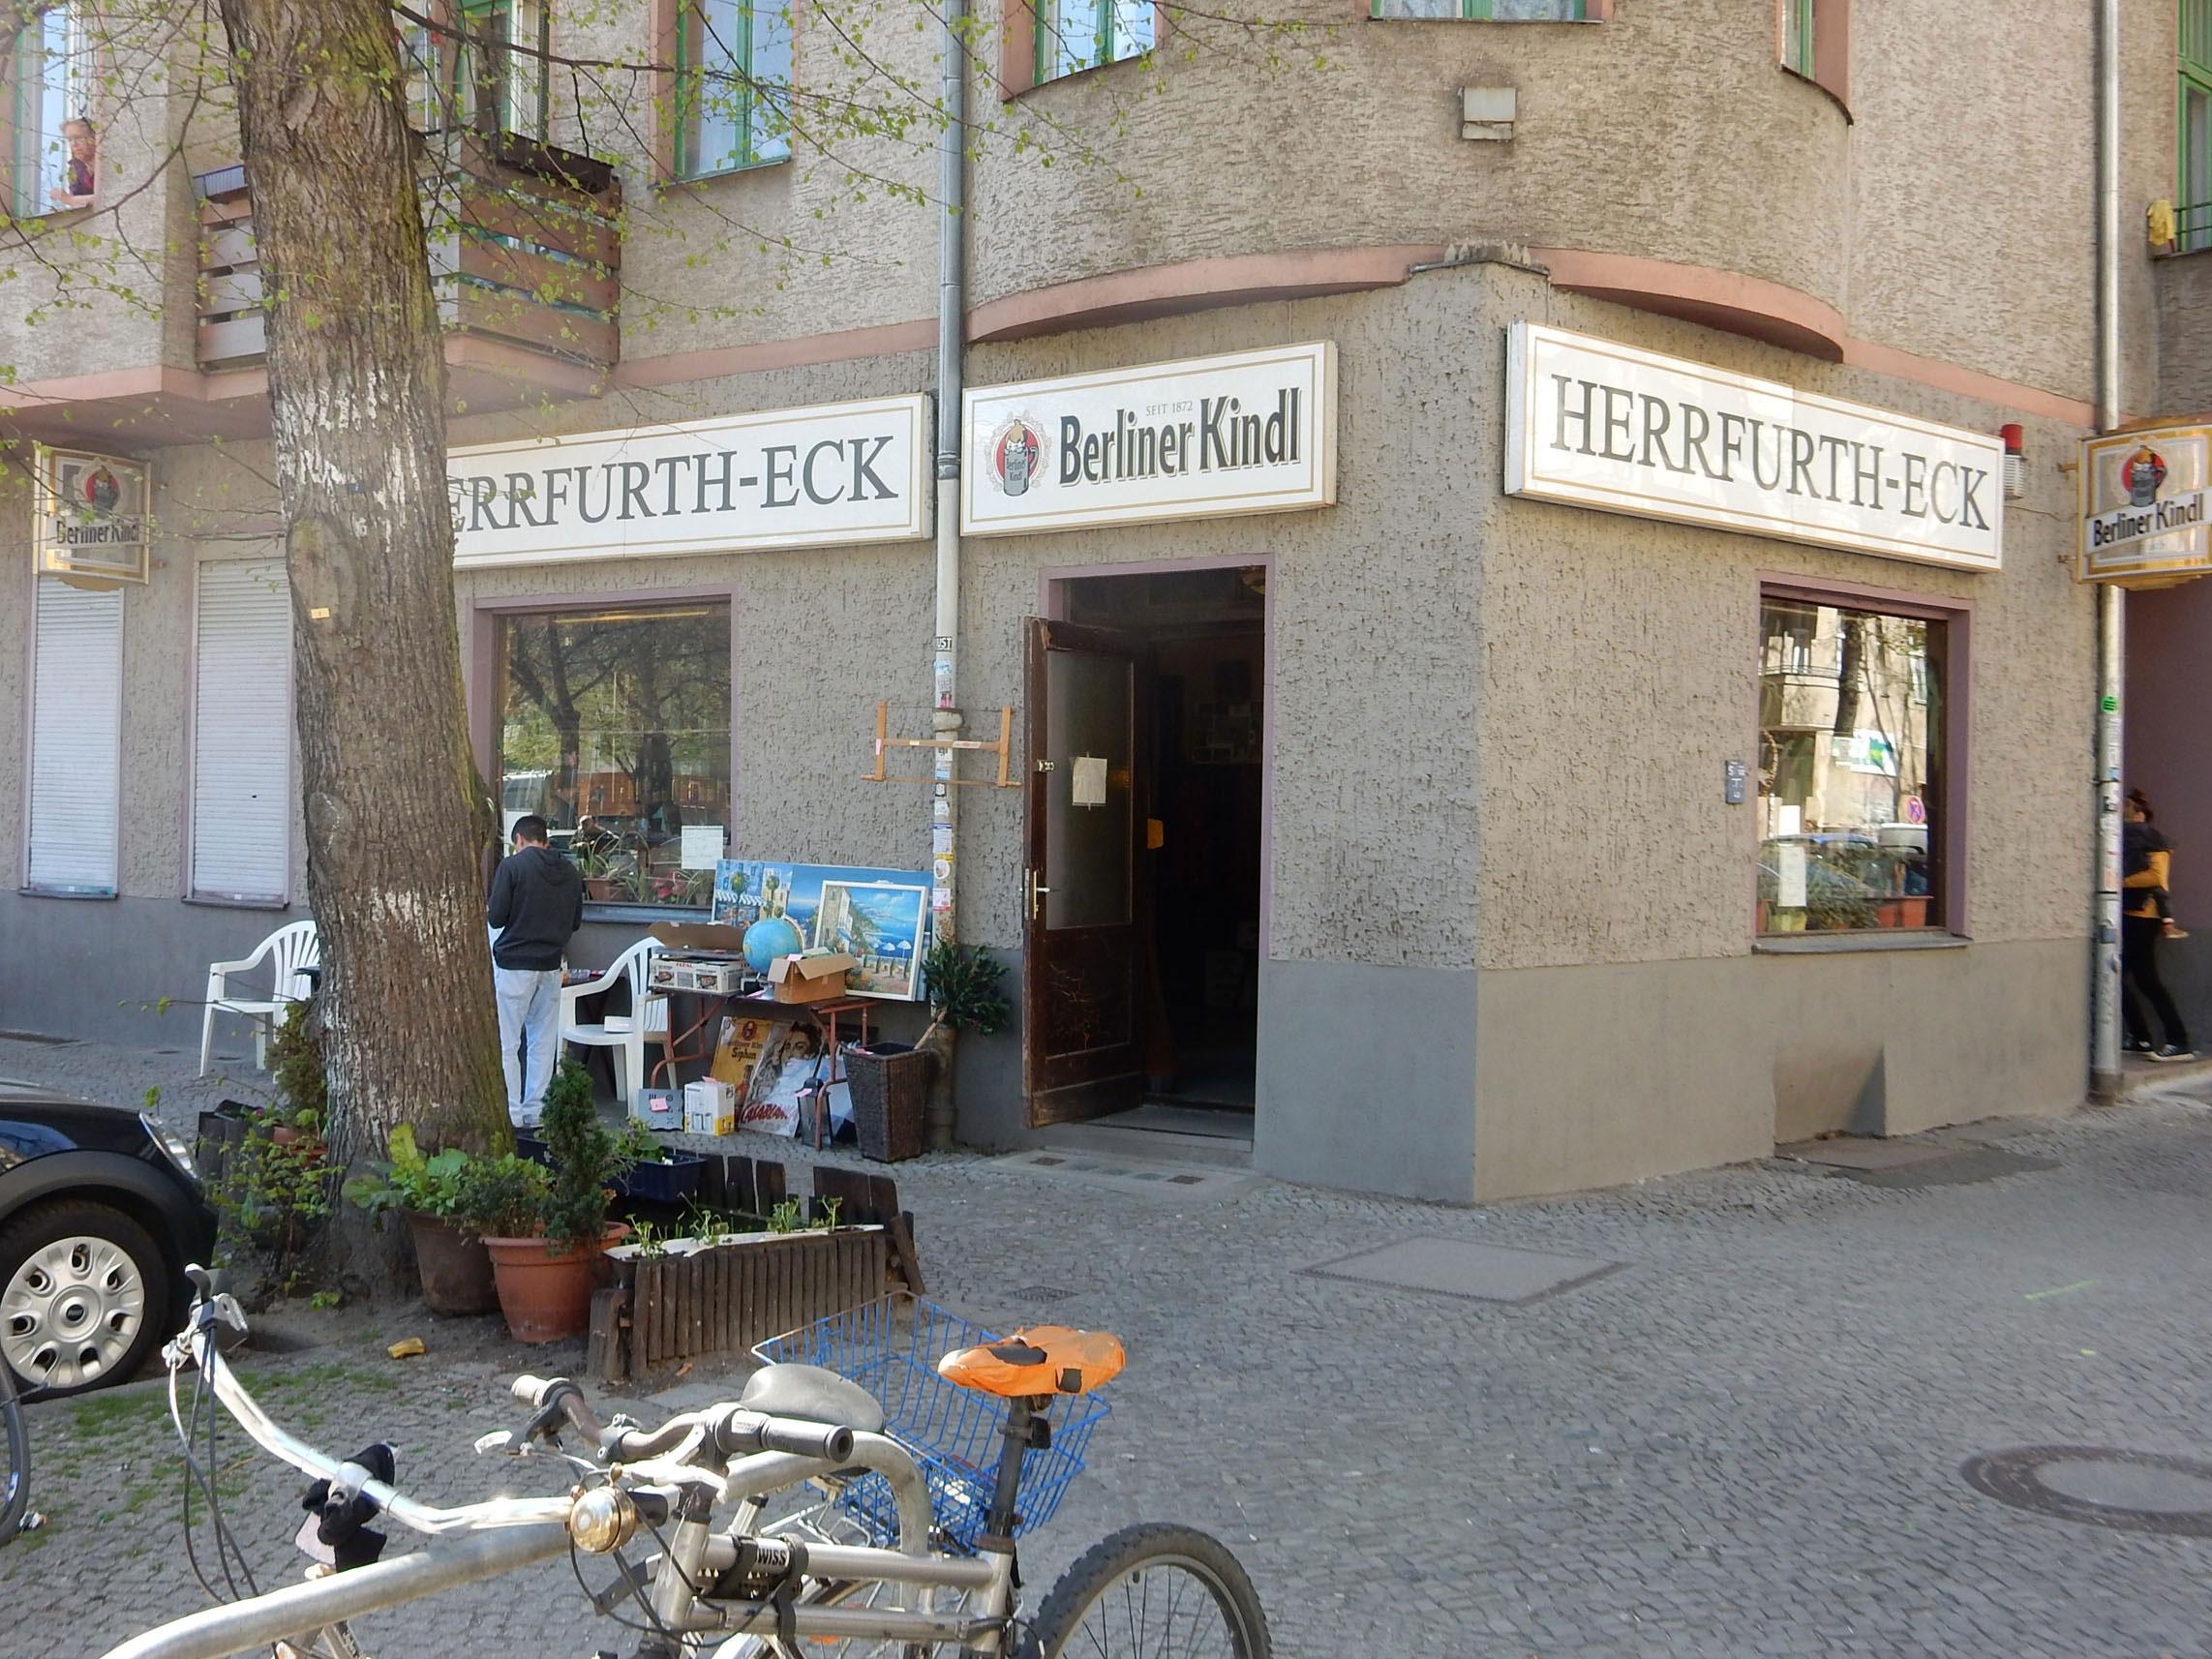 Radtour Berlin Neukölln - Herfurthplatz